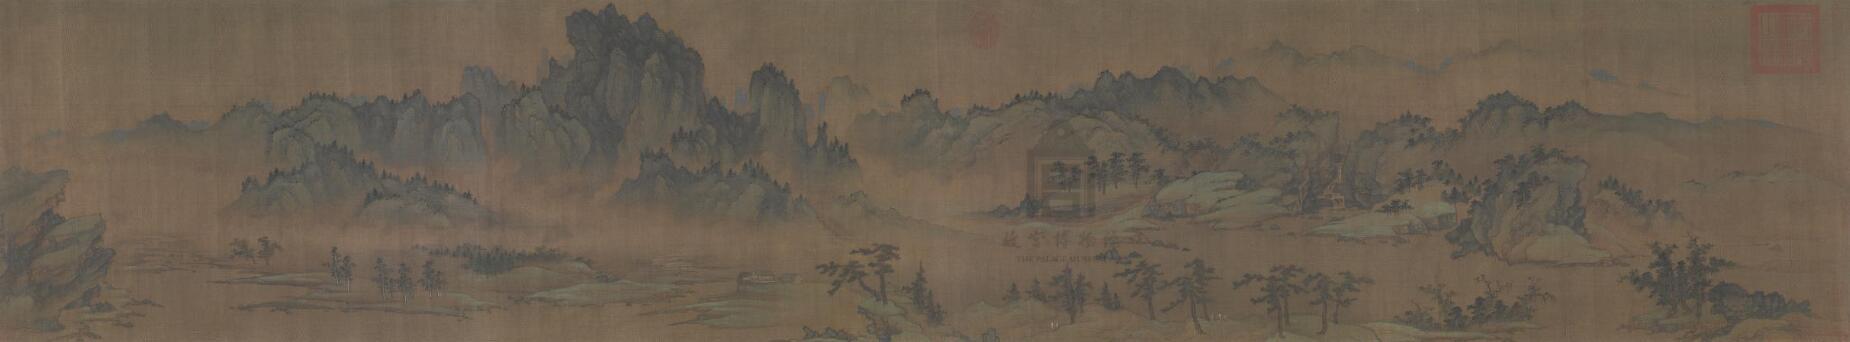 商琦《春山图》卷 元 绢本设色 39.6×214.5cm